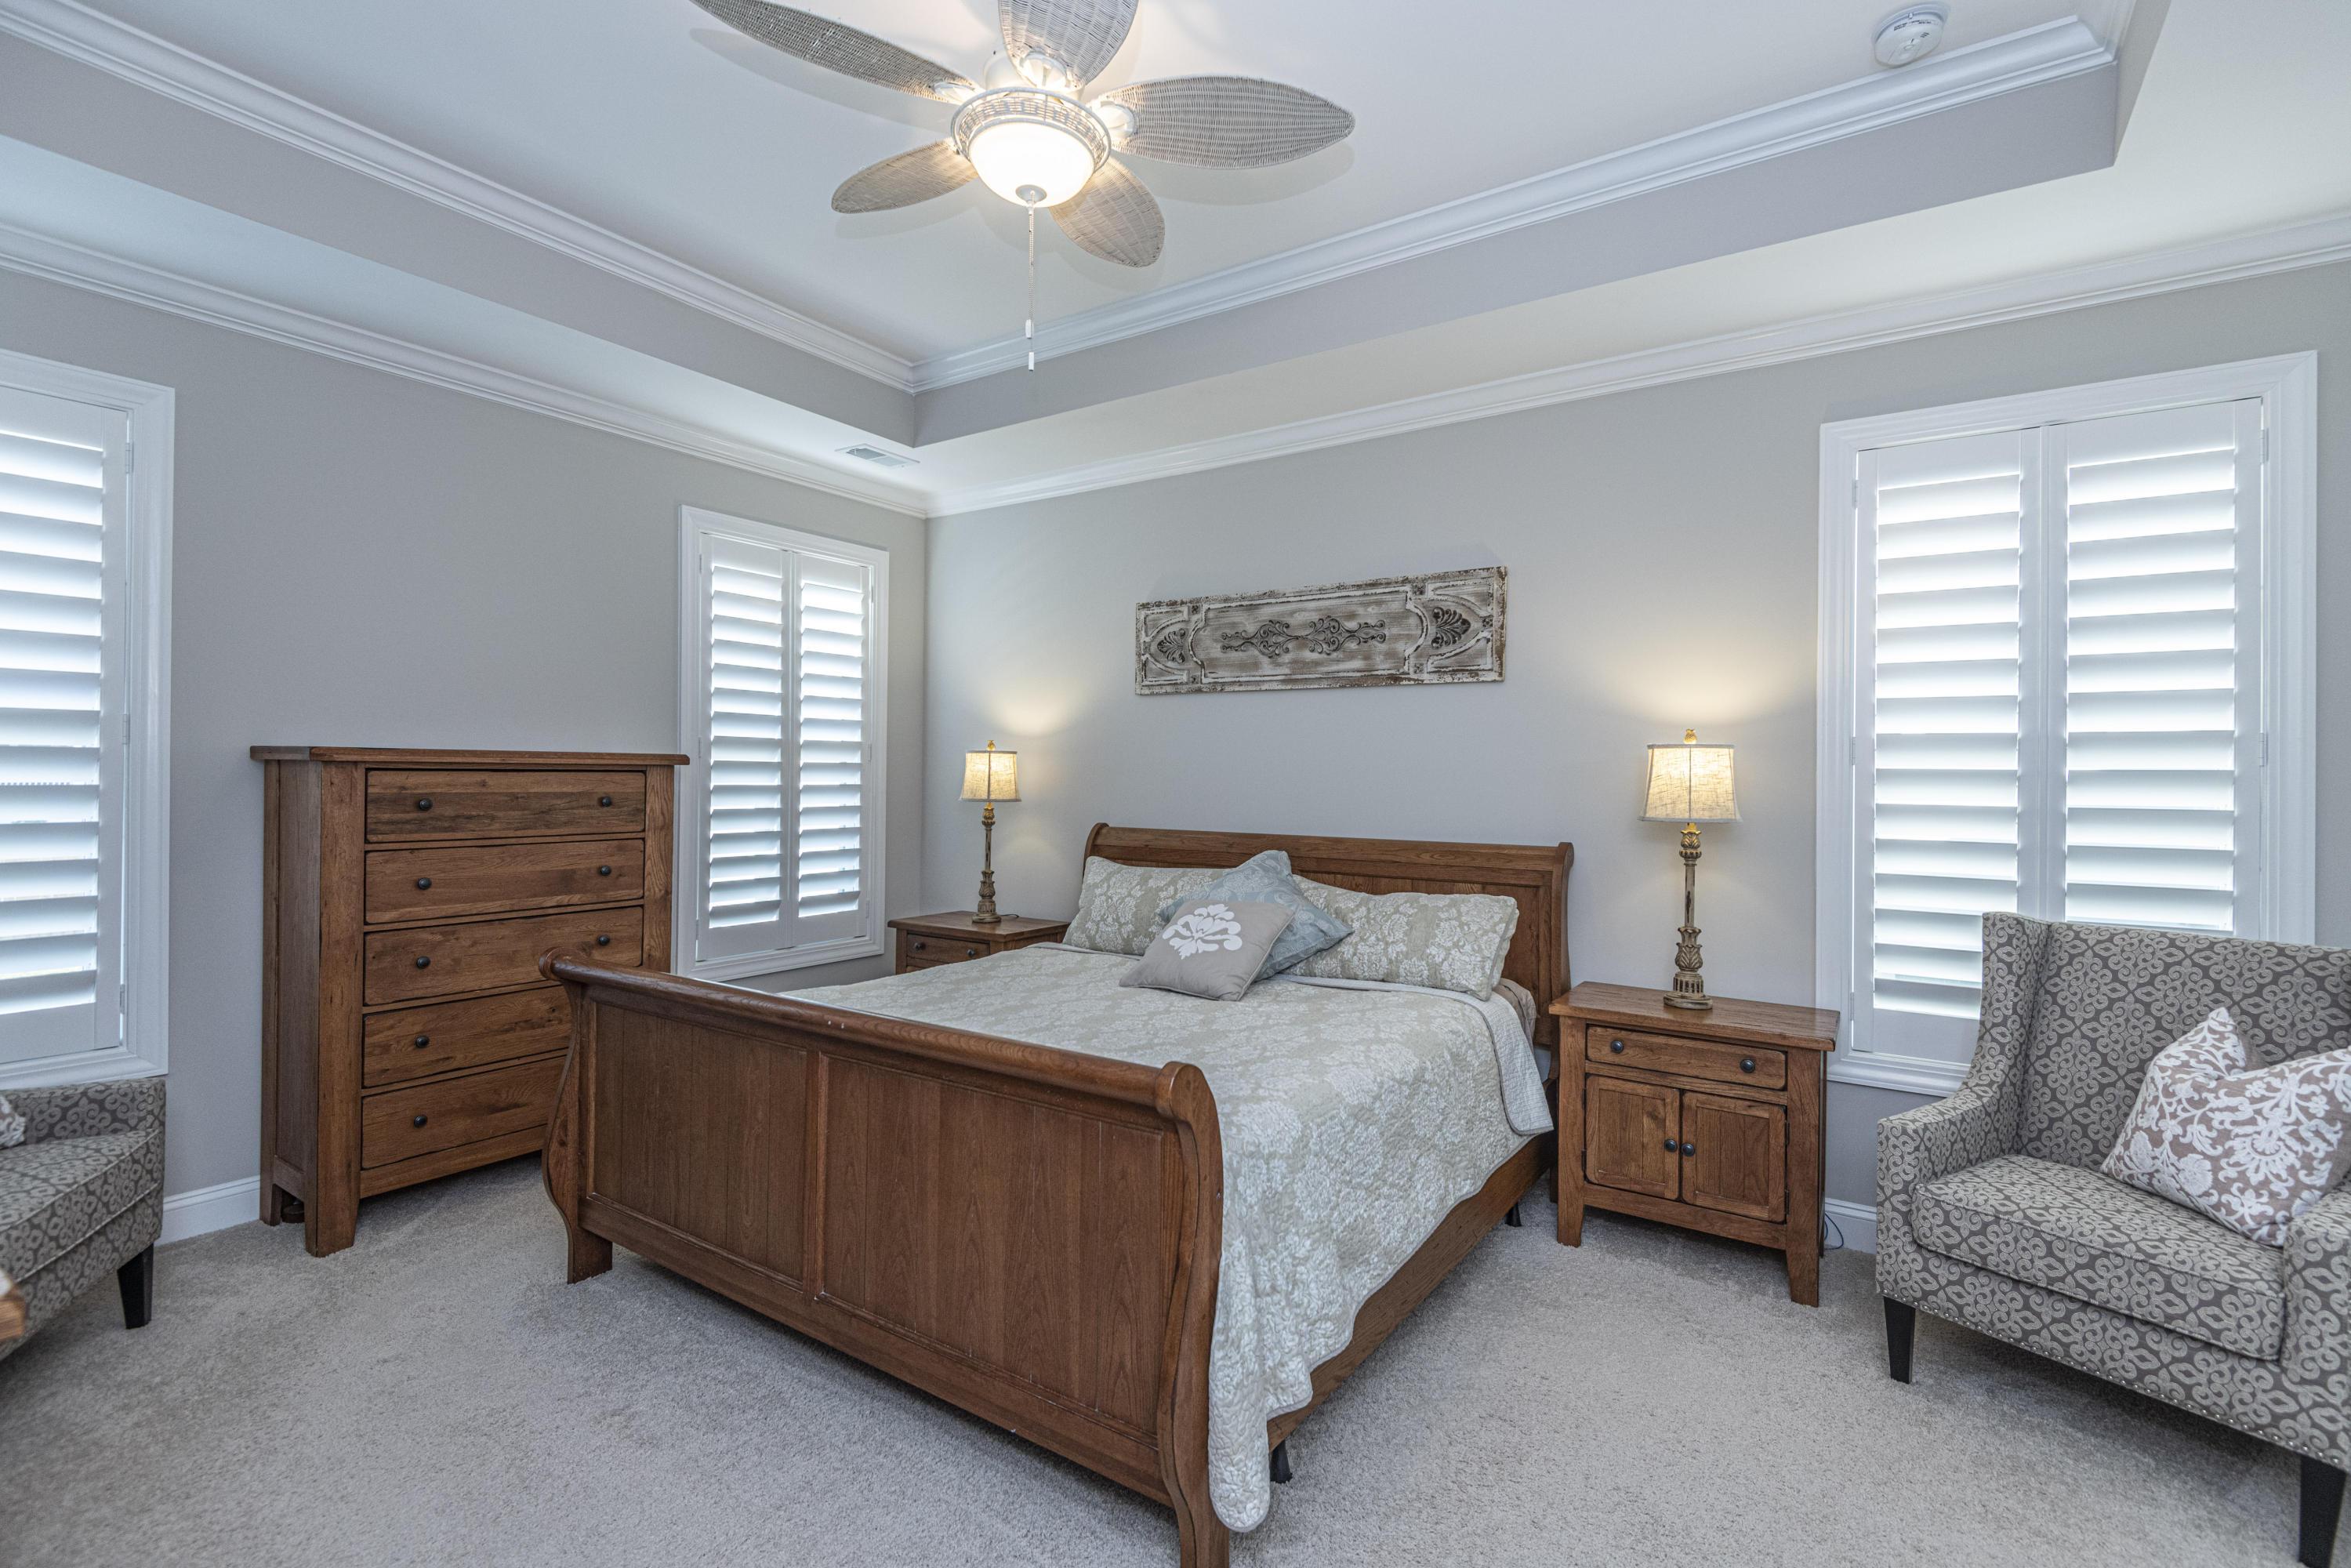 Park West Homes For Sale - 2667 Park West, Mount Pleasant, SC - 14